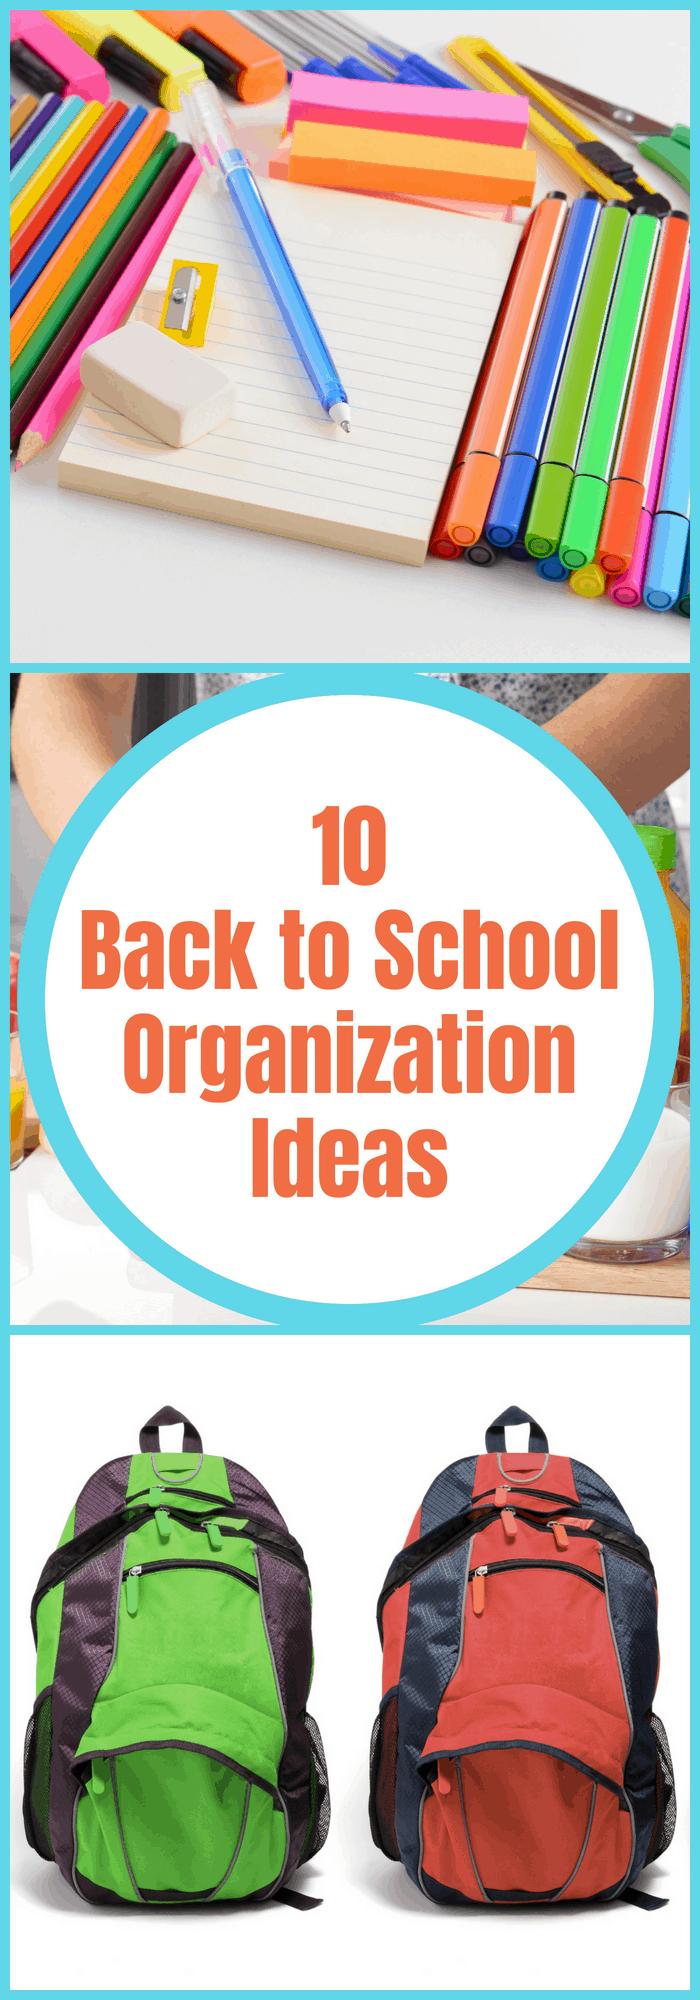 Getting Ready for School--10 Back to School Organization Ideas